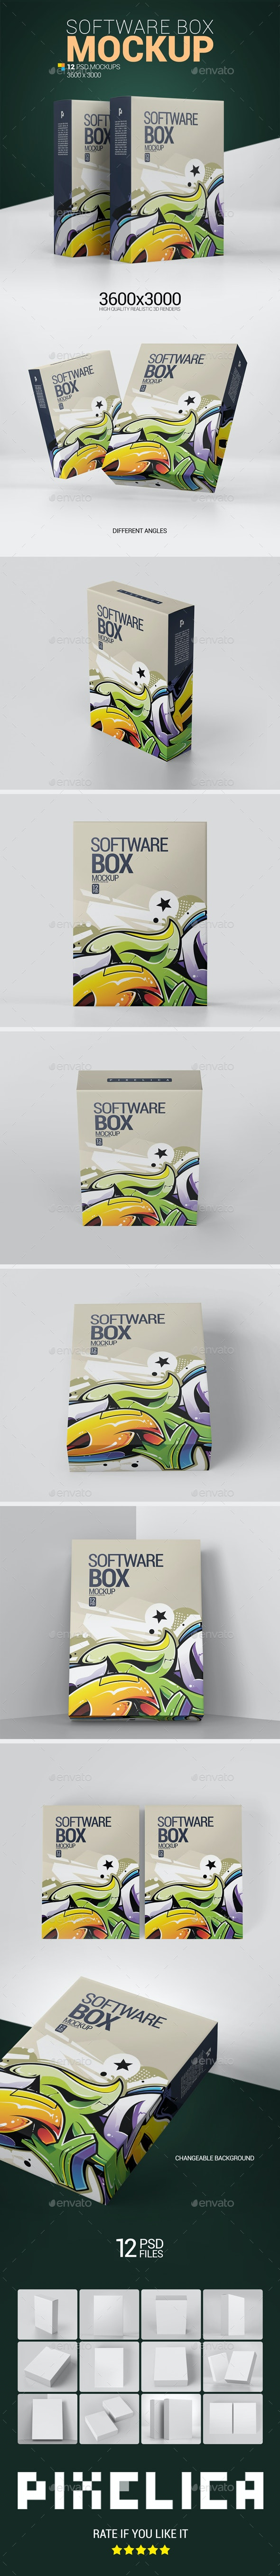 Software Box Mockup - Product Mock-Ups Graphics